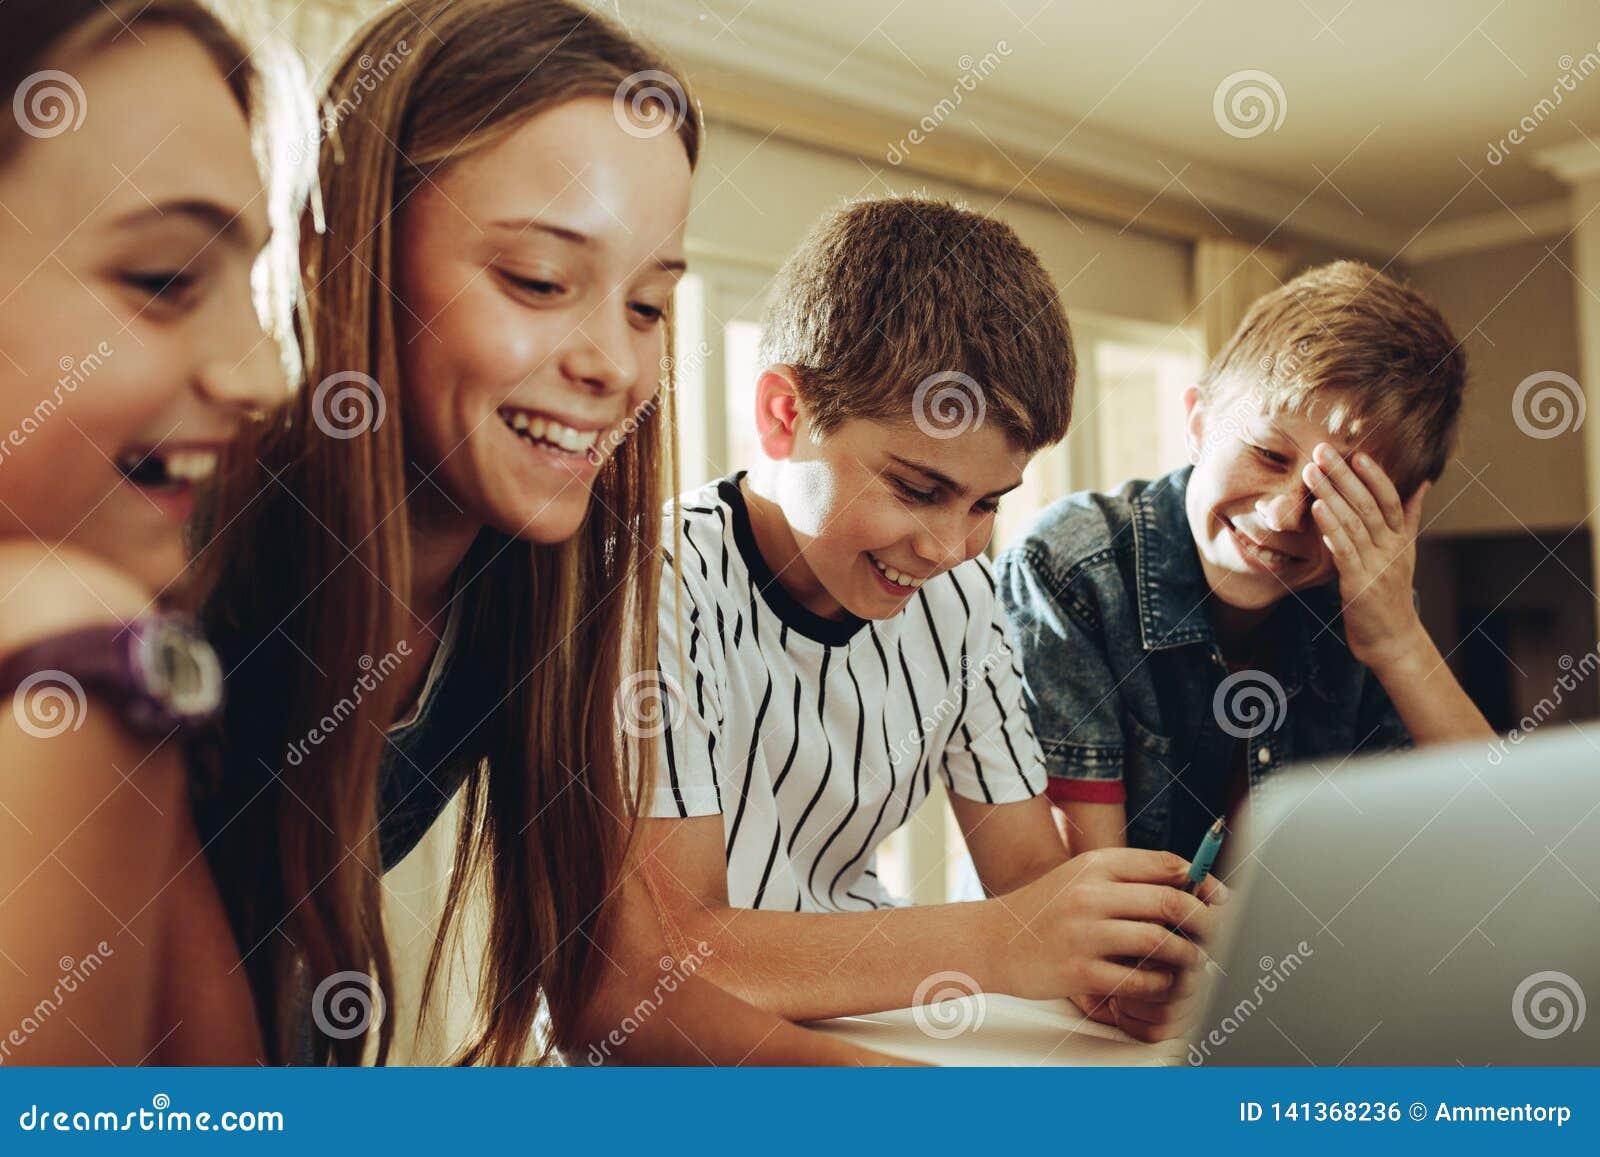 De jonge geitjes genieten van lerend met behulp van technologie